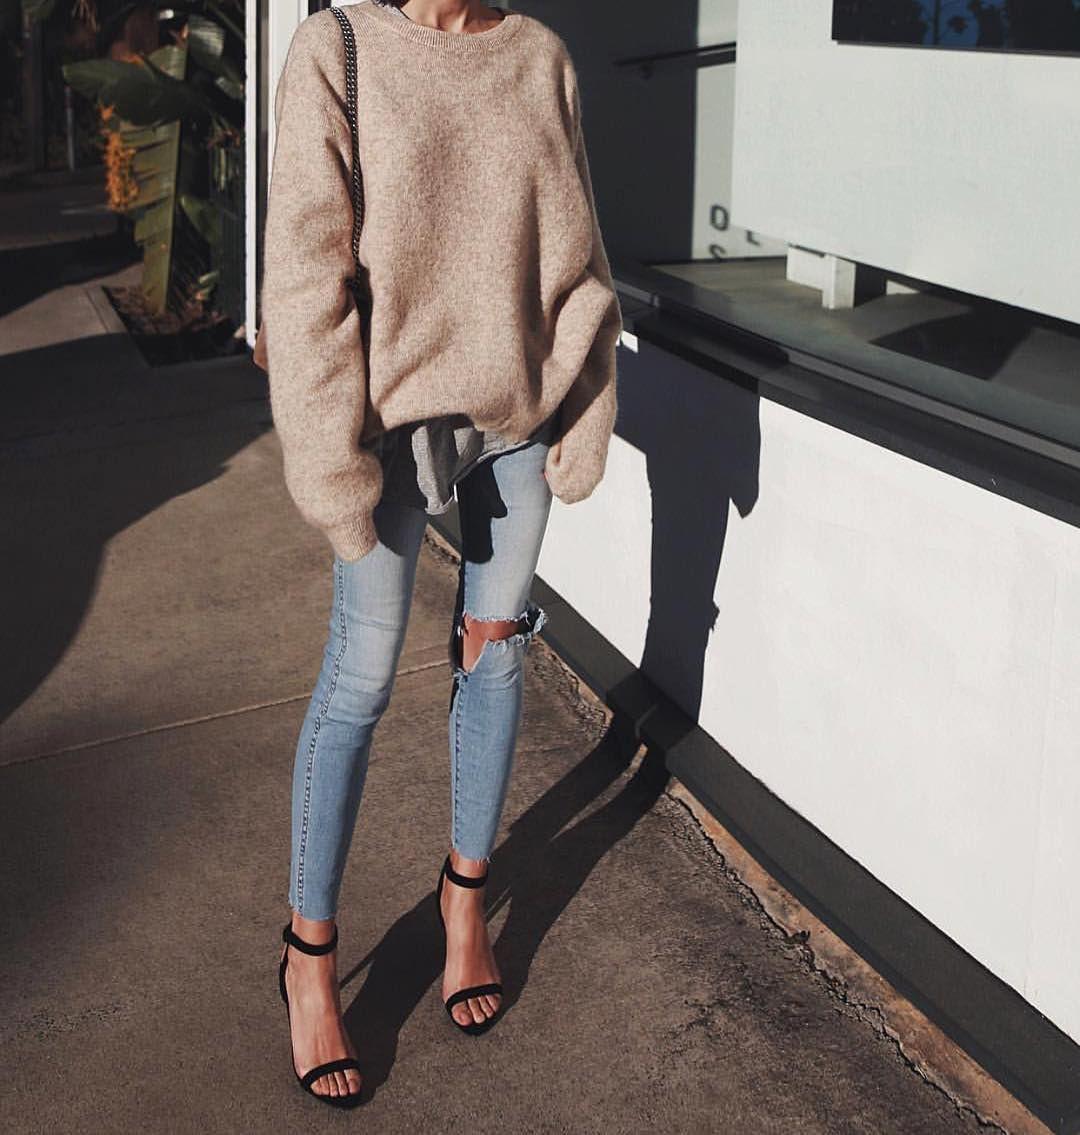 Colour dress with jacket, denim, jeans